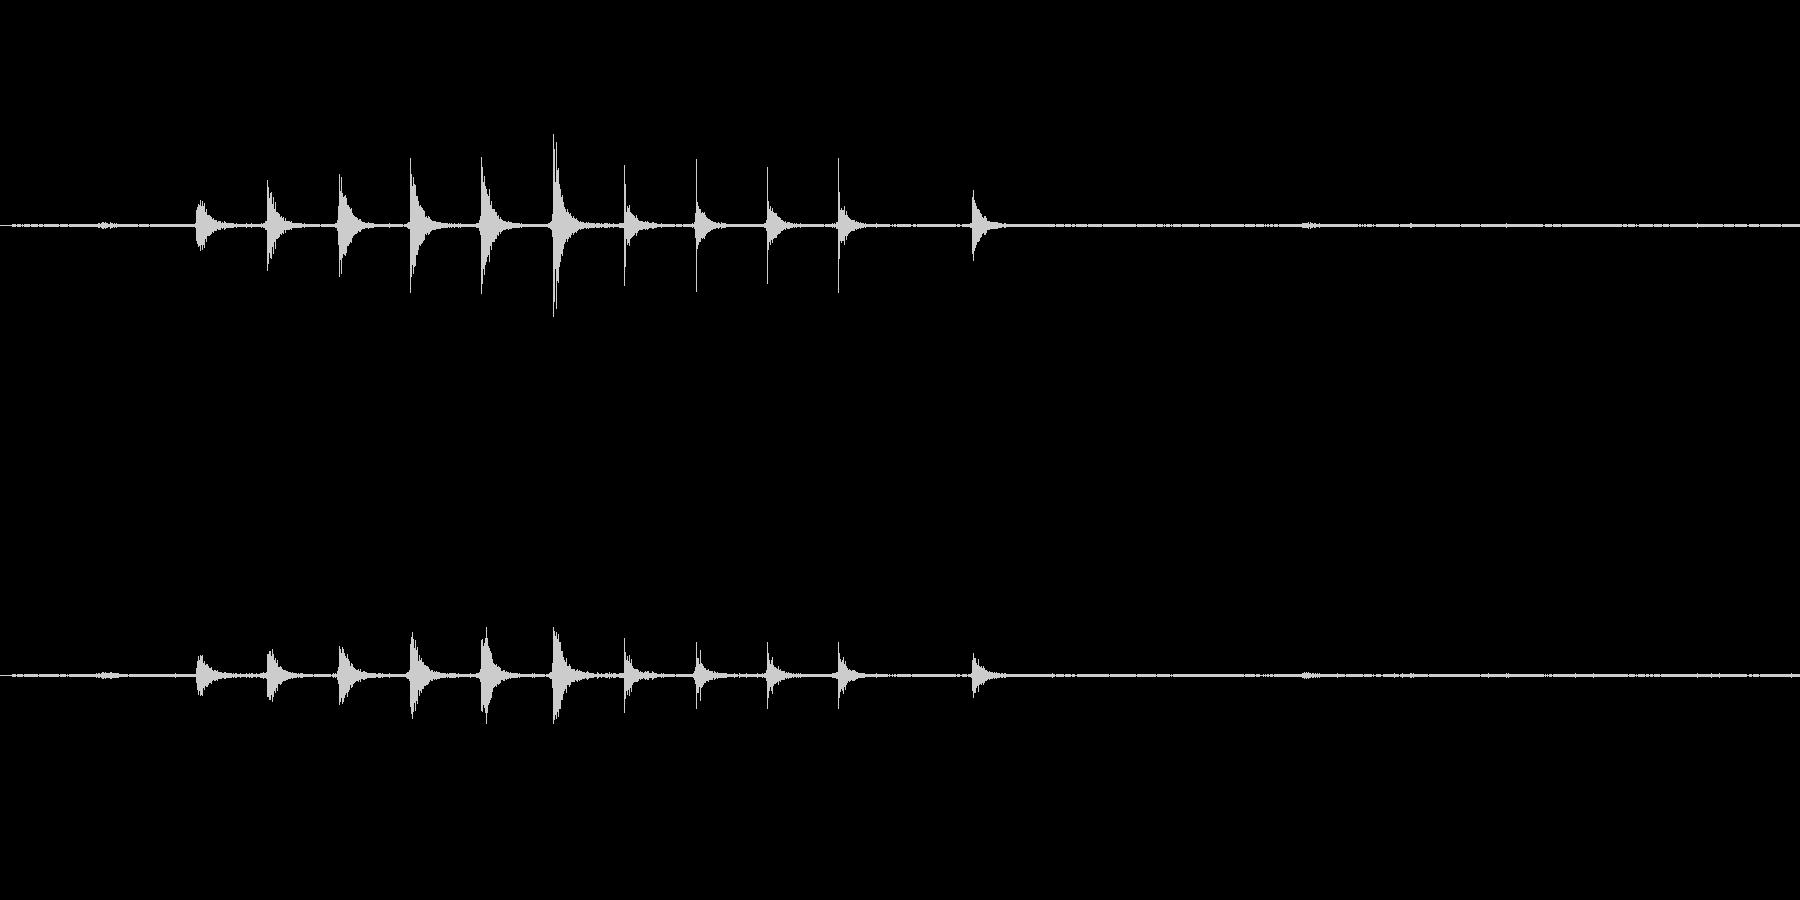 ガスコンロの点火音ですの未再生の波形